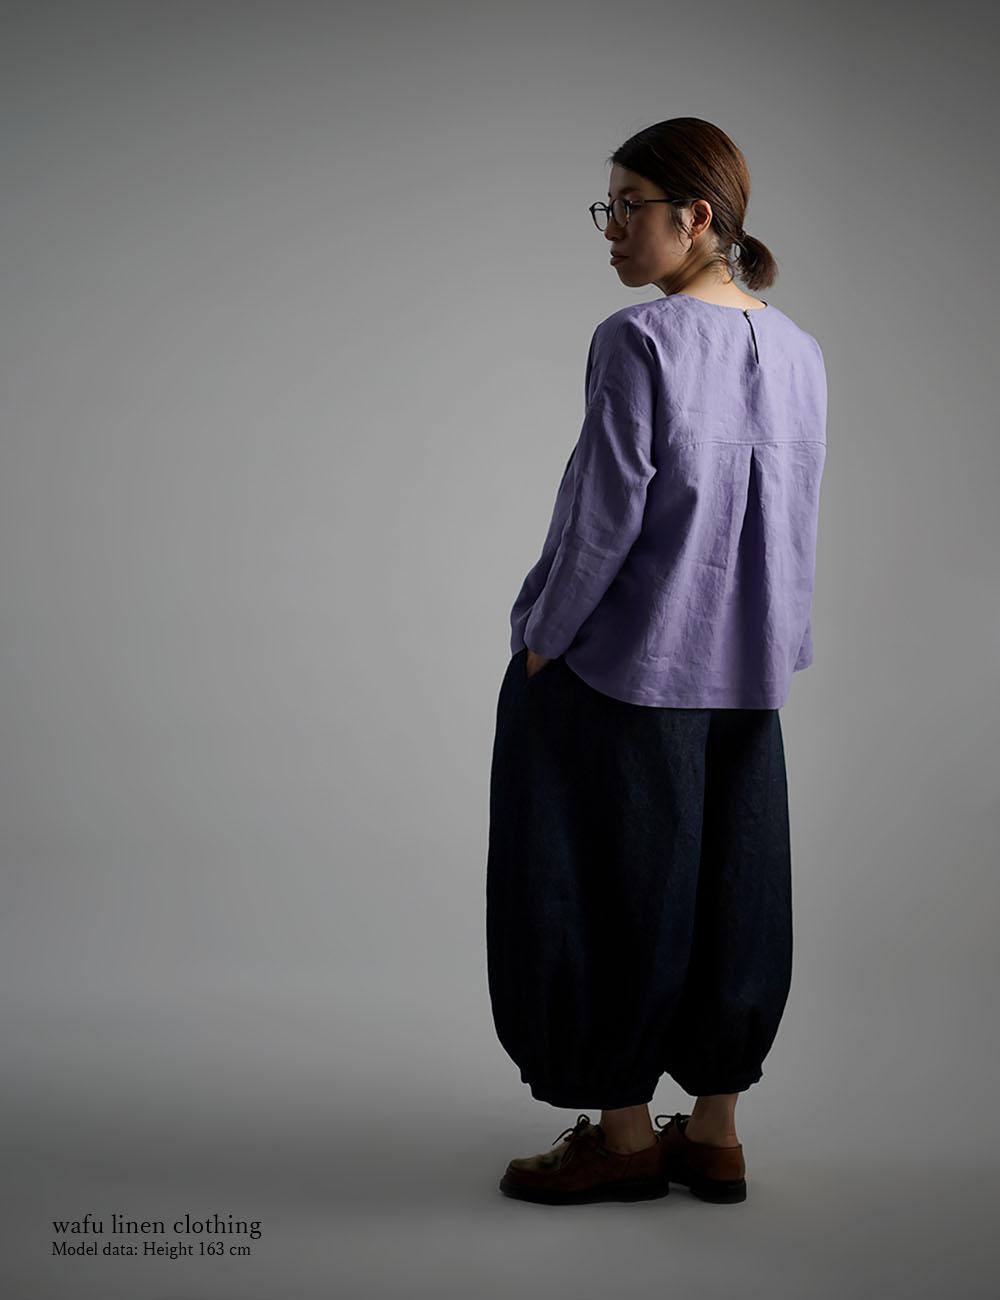 【wafu】Linen Top 超高密度リネン タックブラウス /藤色(ふじいろ) t011a-fji1